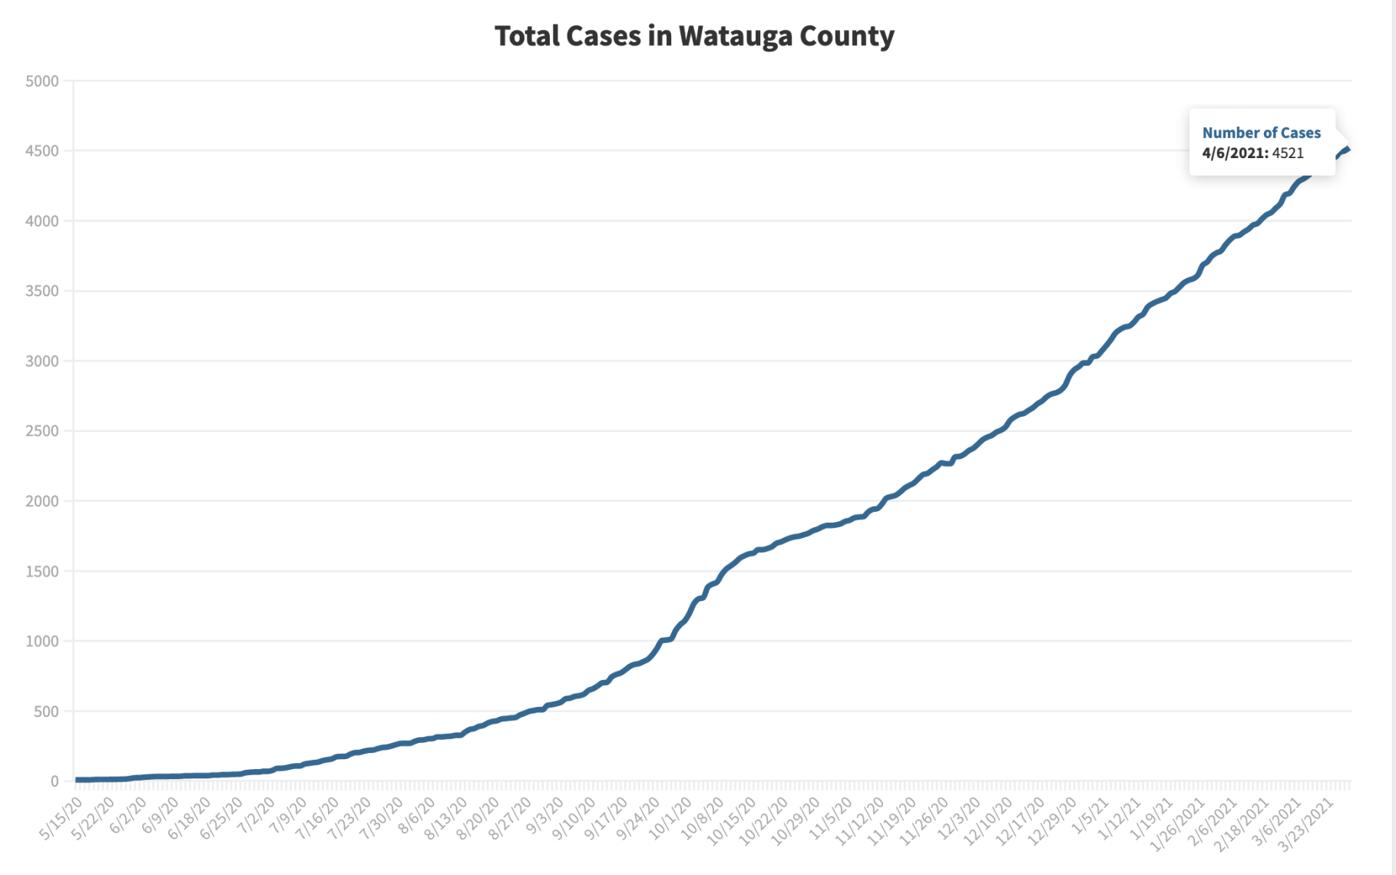 April 6 cases